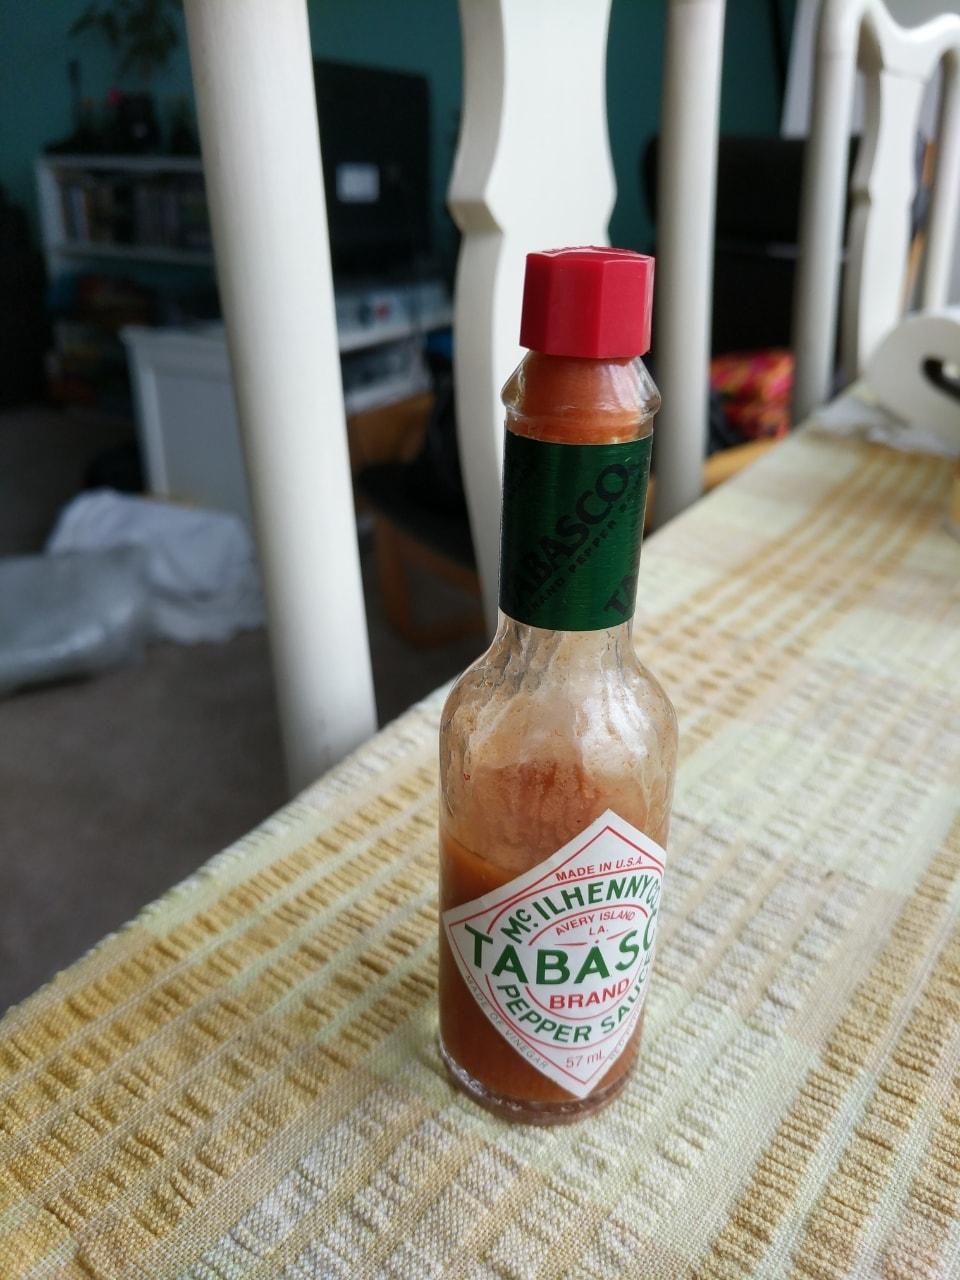 1/2 bottle Tabasco